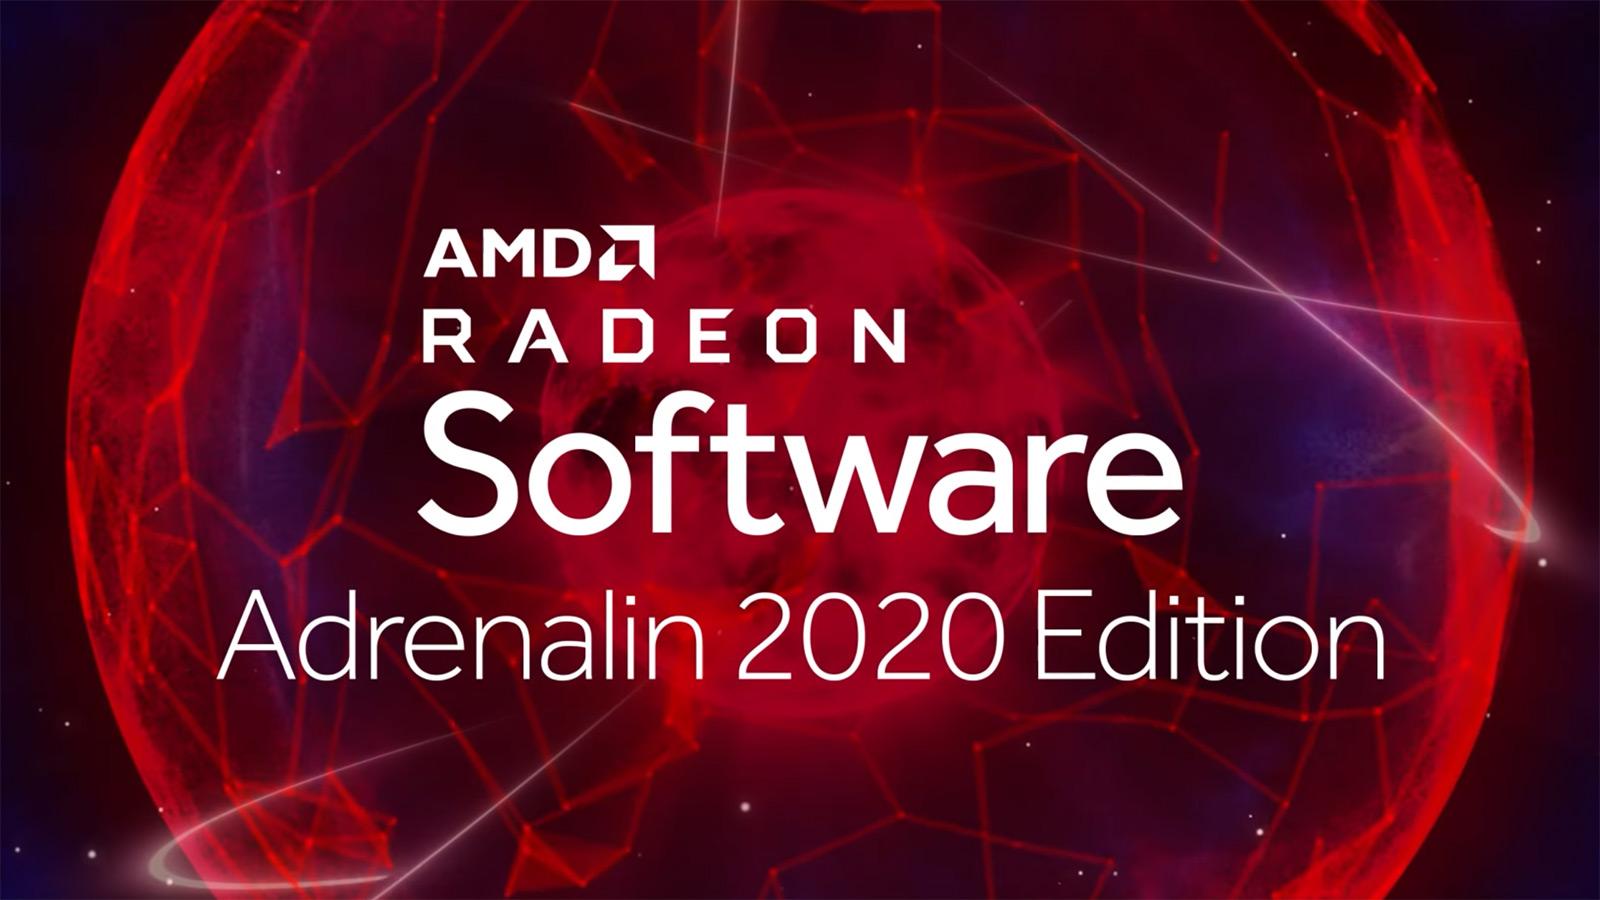 AMD Radeon Software Adrenalin 2020 Edition 20.1.2 - Vulkan laguntza duten gidariak 1.2 deskargatzeko erabilgarri